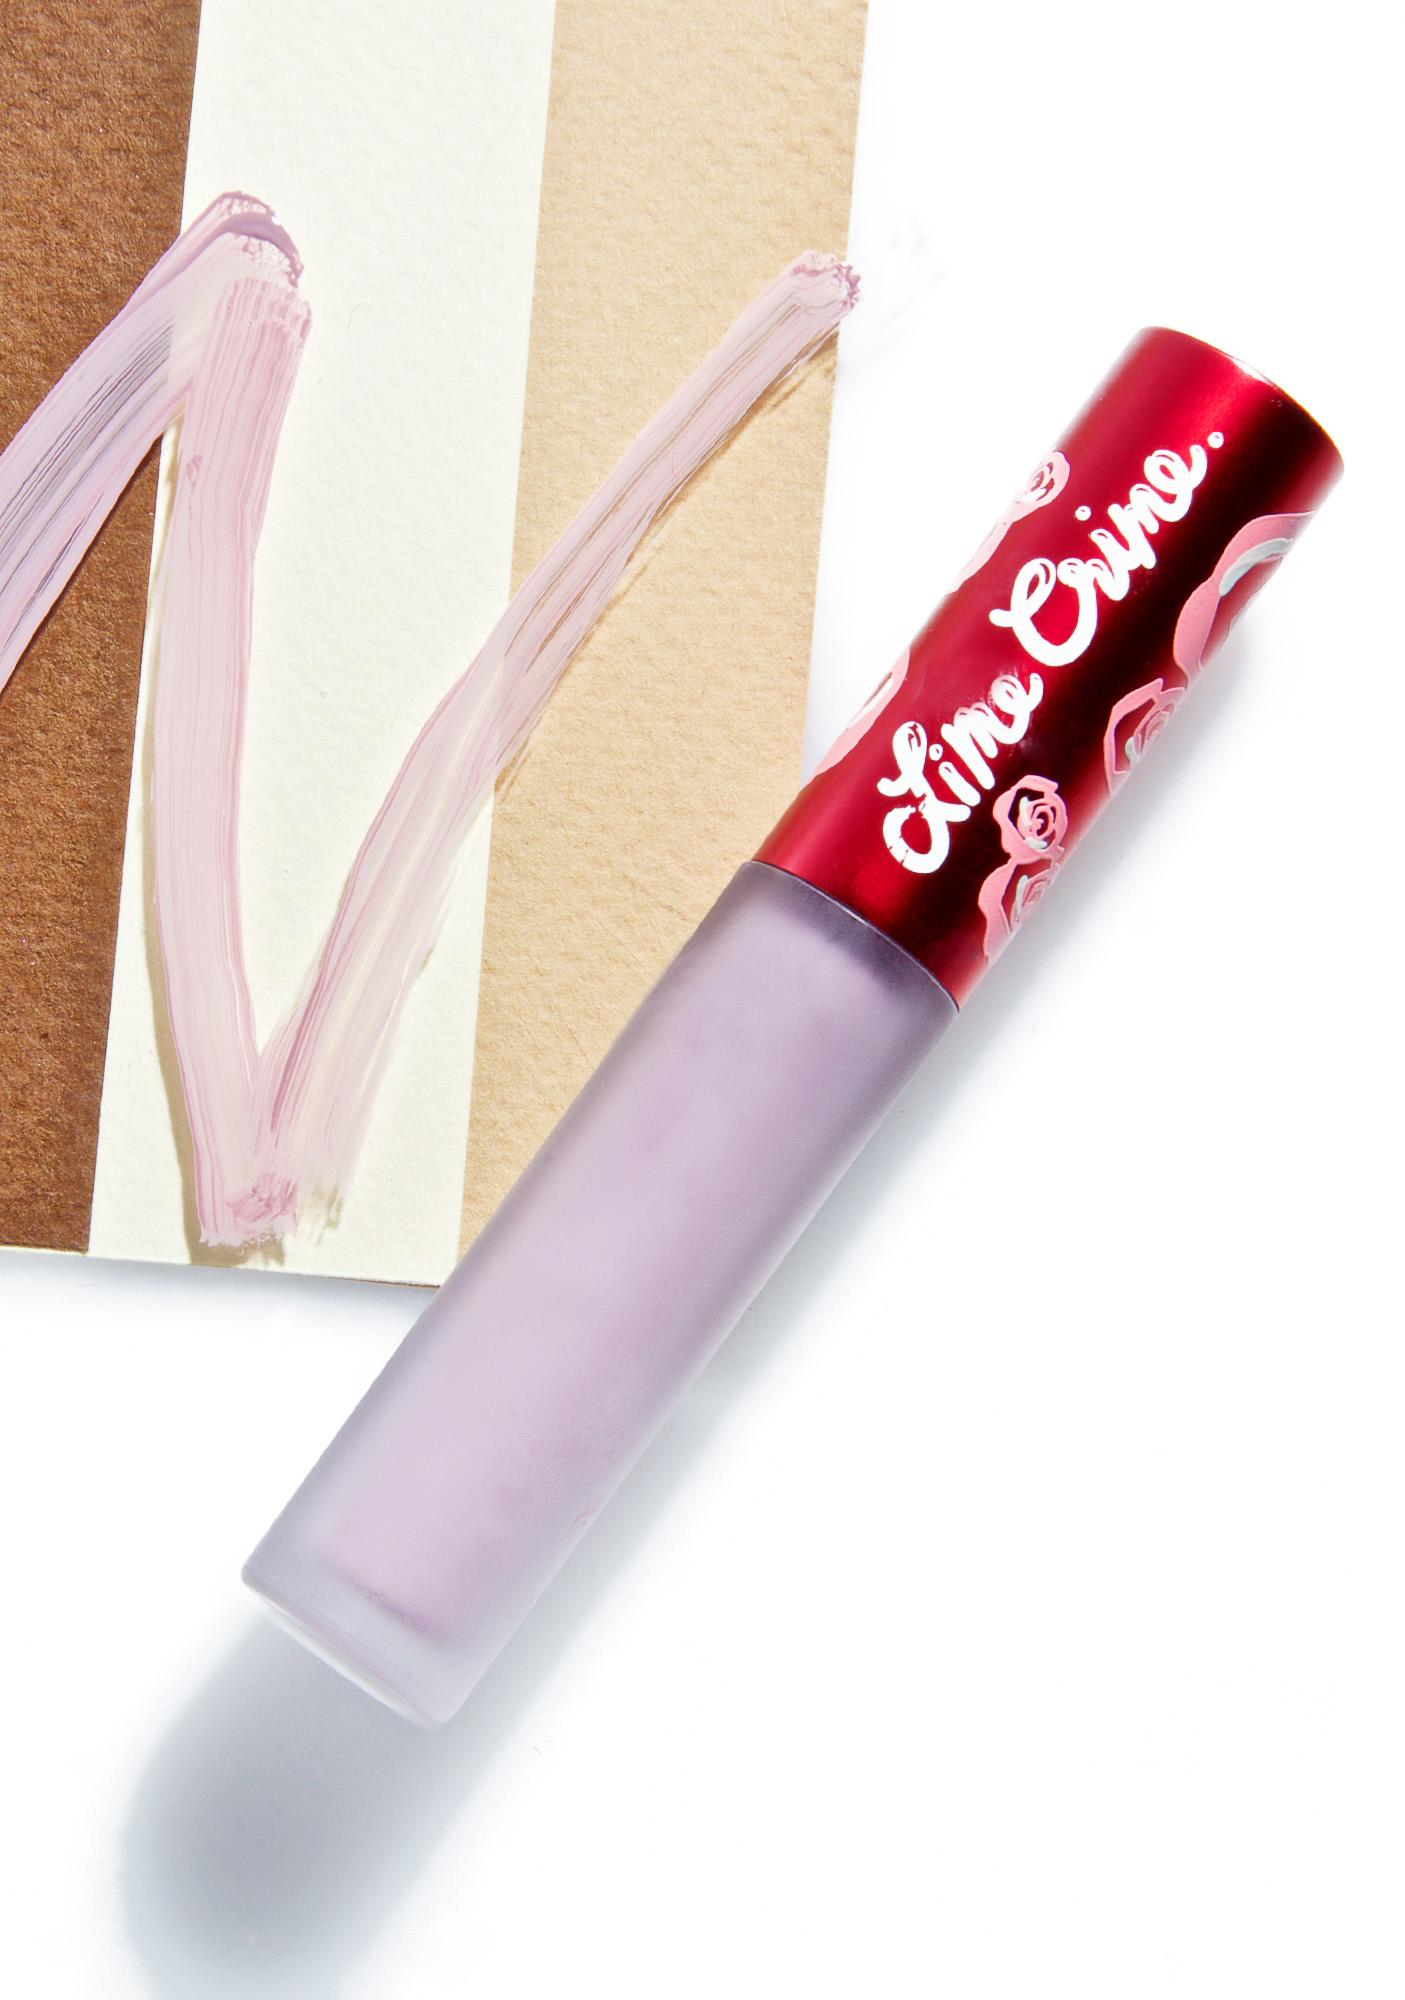 Lime Crime Moonstone Velvetine Liquid Lipstick